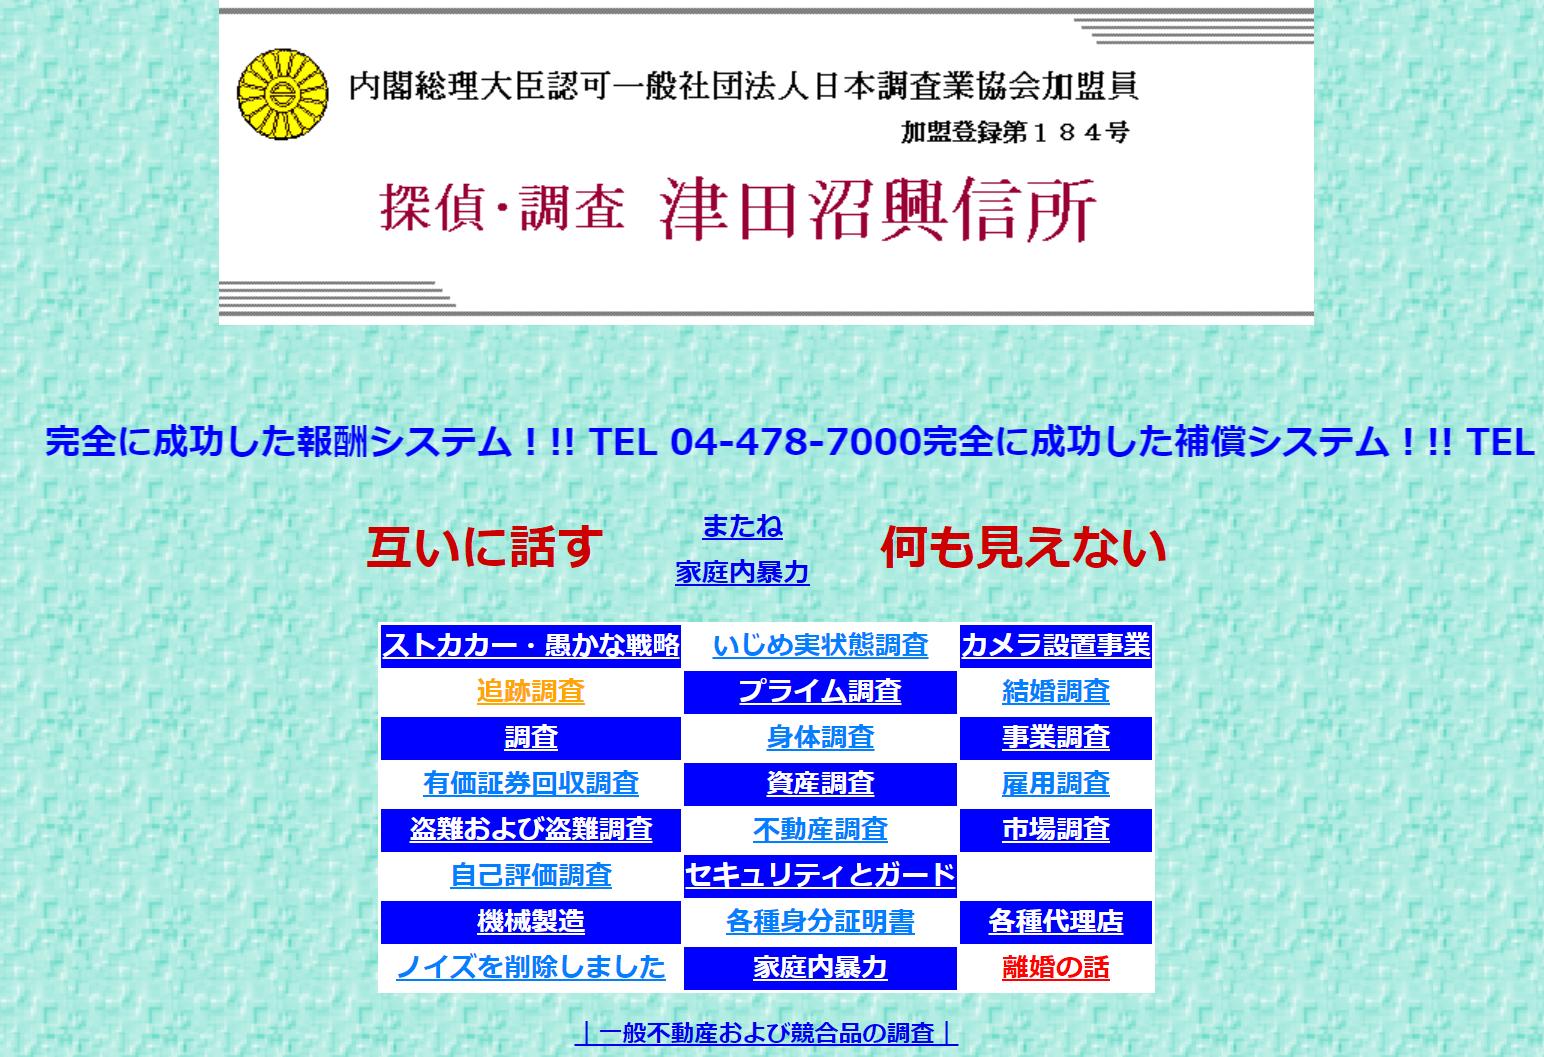 探偵・調査 津田沼興信所について徹底調査~口コミ評判あり